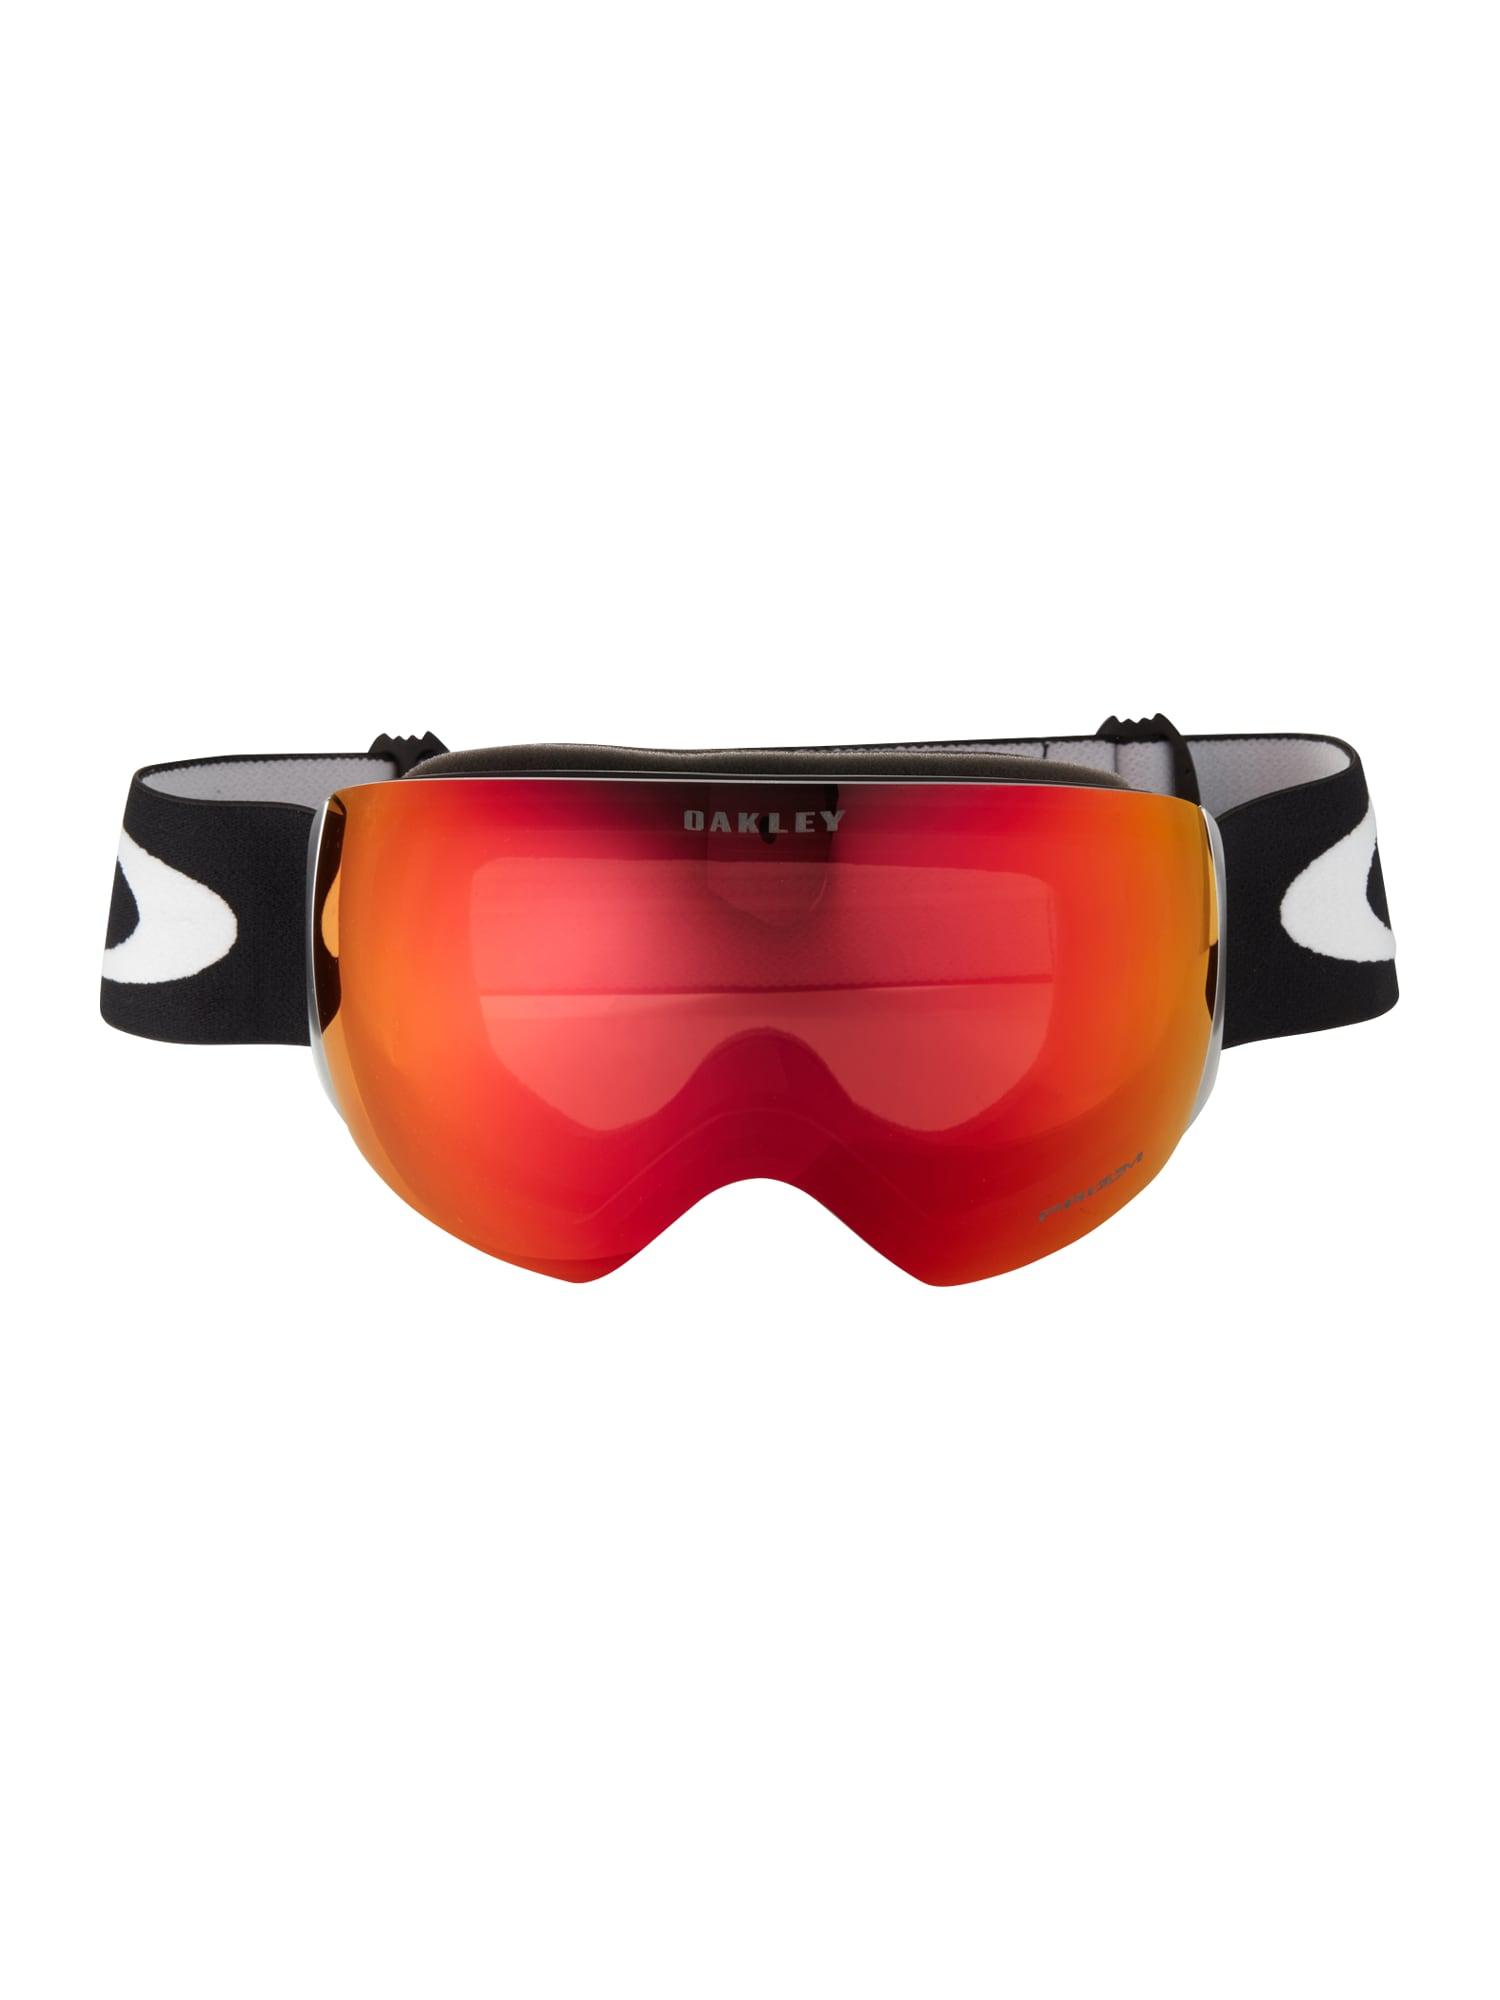 OAKLEY Sportiniai akiniai 'Flight Deck' tamsiai oranžinė / juoda